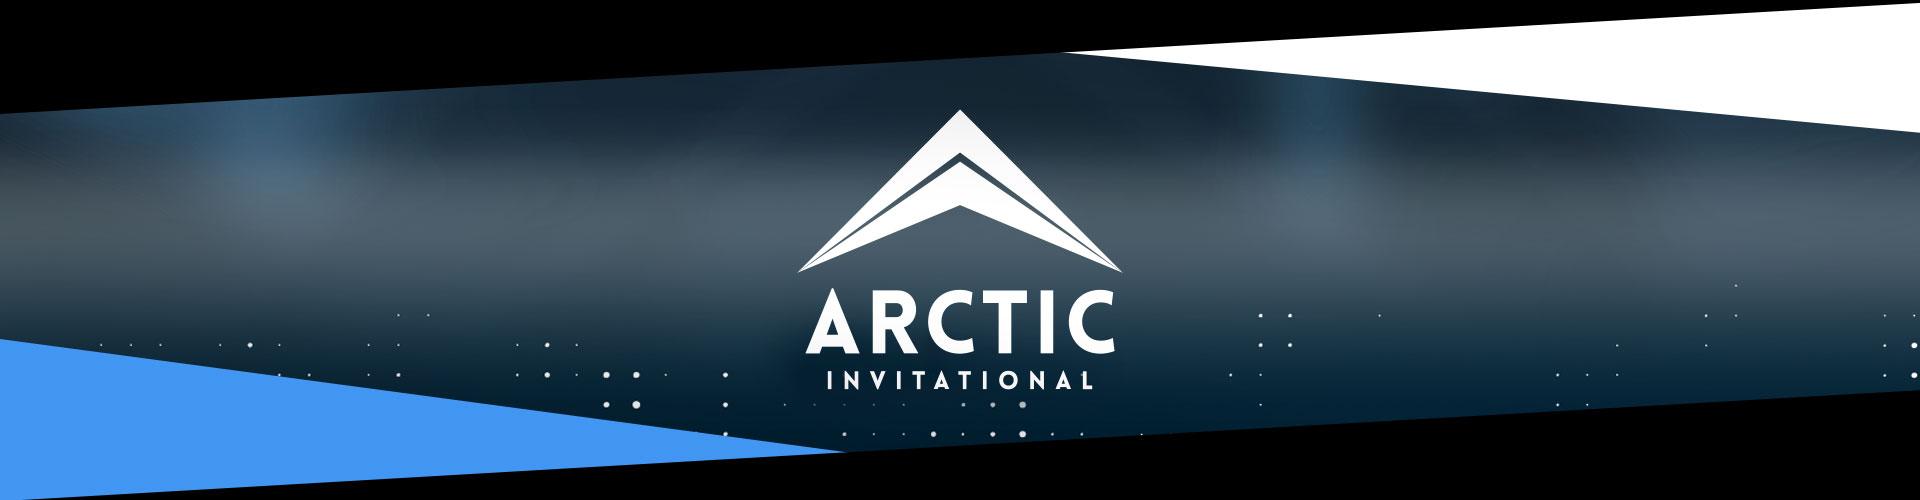 Eventsida för Arctic Invitational som hålls i Helsingfors, Finland.